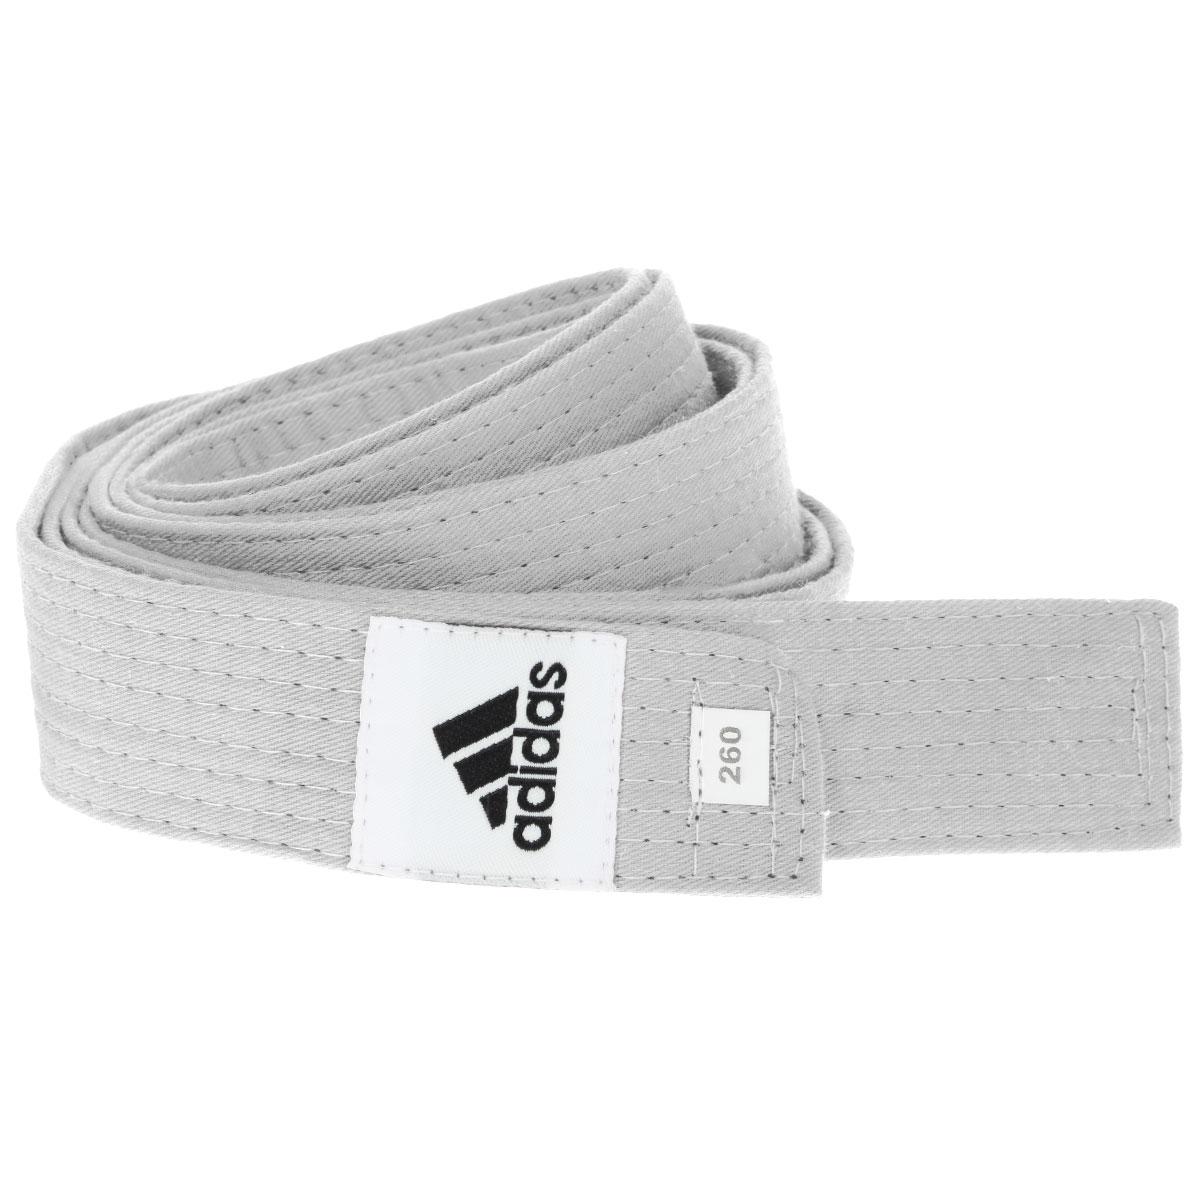 Пояс для единоборств adidas Club, цвет: белый. adiB220. Длина 260 смadiB220Пояс для единоборств adidas Club - универсальный пояс для кимоно. Пояс выполнен из плотного хлопкового материала с прострочкой.Такой пояс - необходимый аксессуар для тех, кто занимается боевыми искусствами.